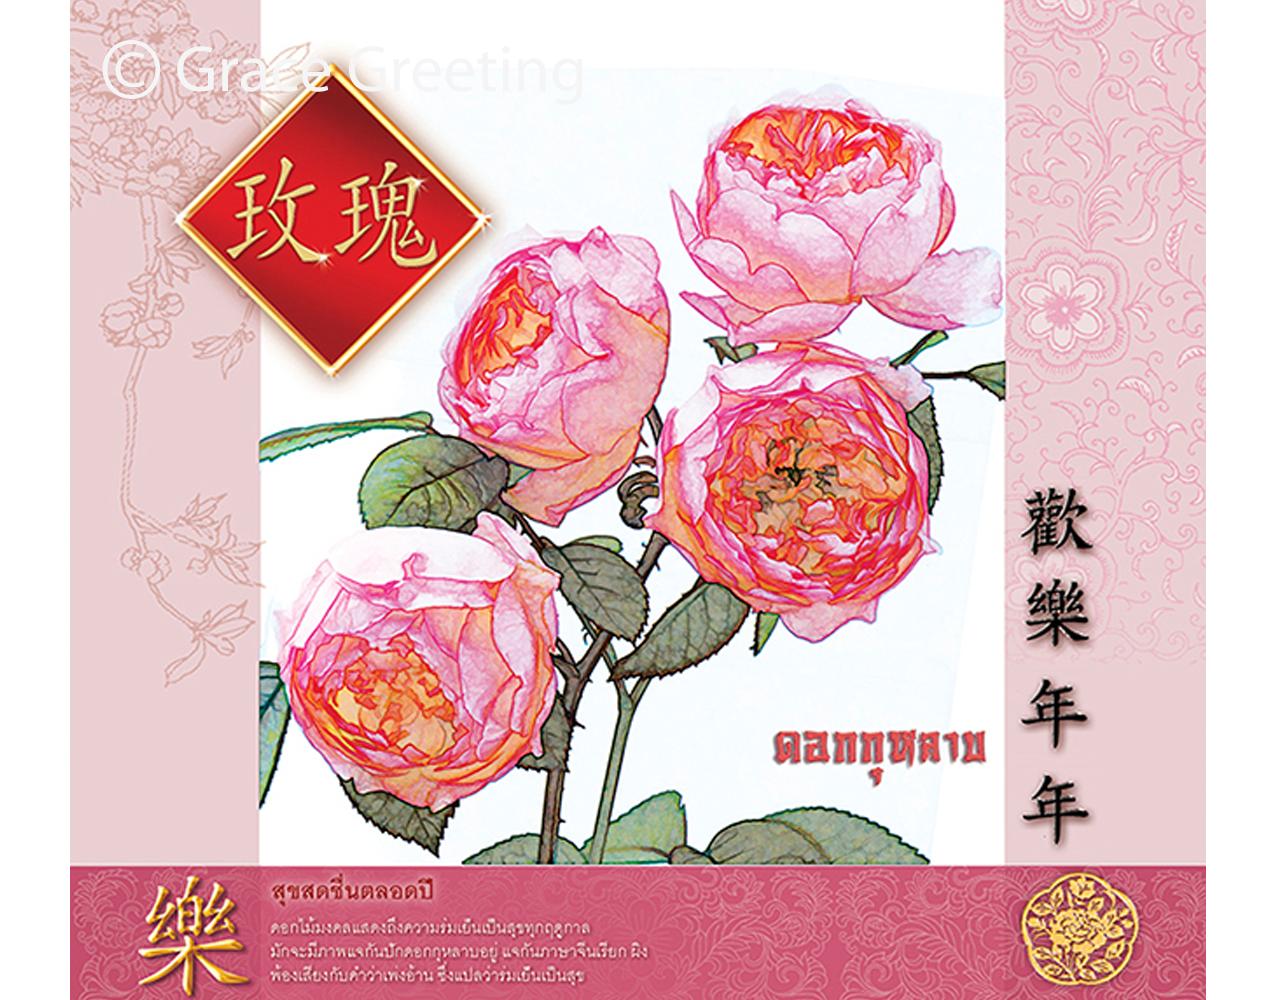 ปฏิทินตั้งโต๊ะ สั่งผลิตดอกไม้มงคล Apr